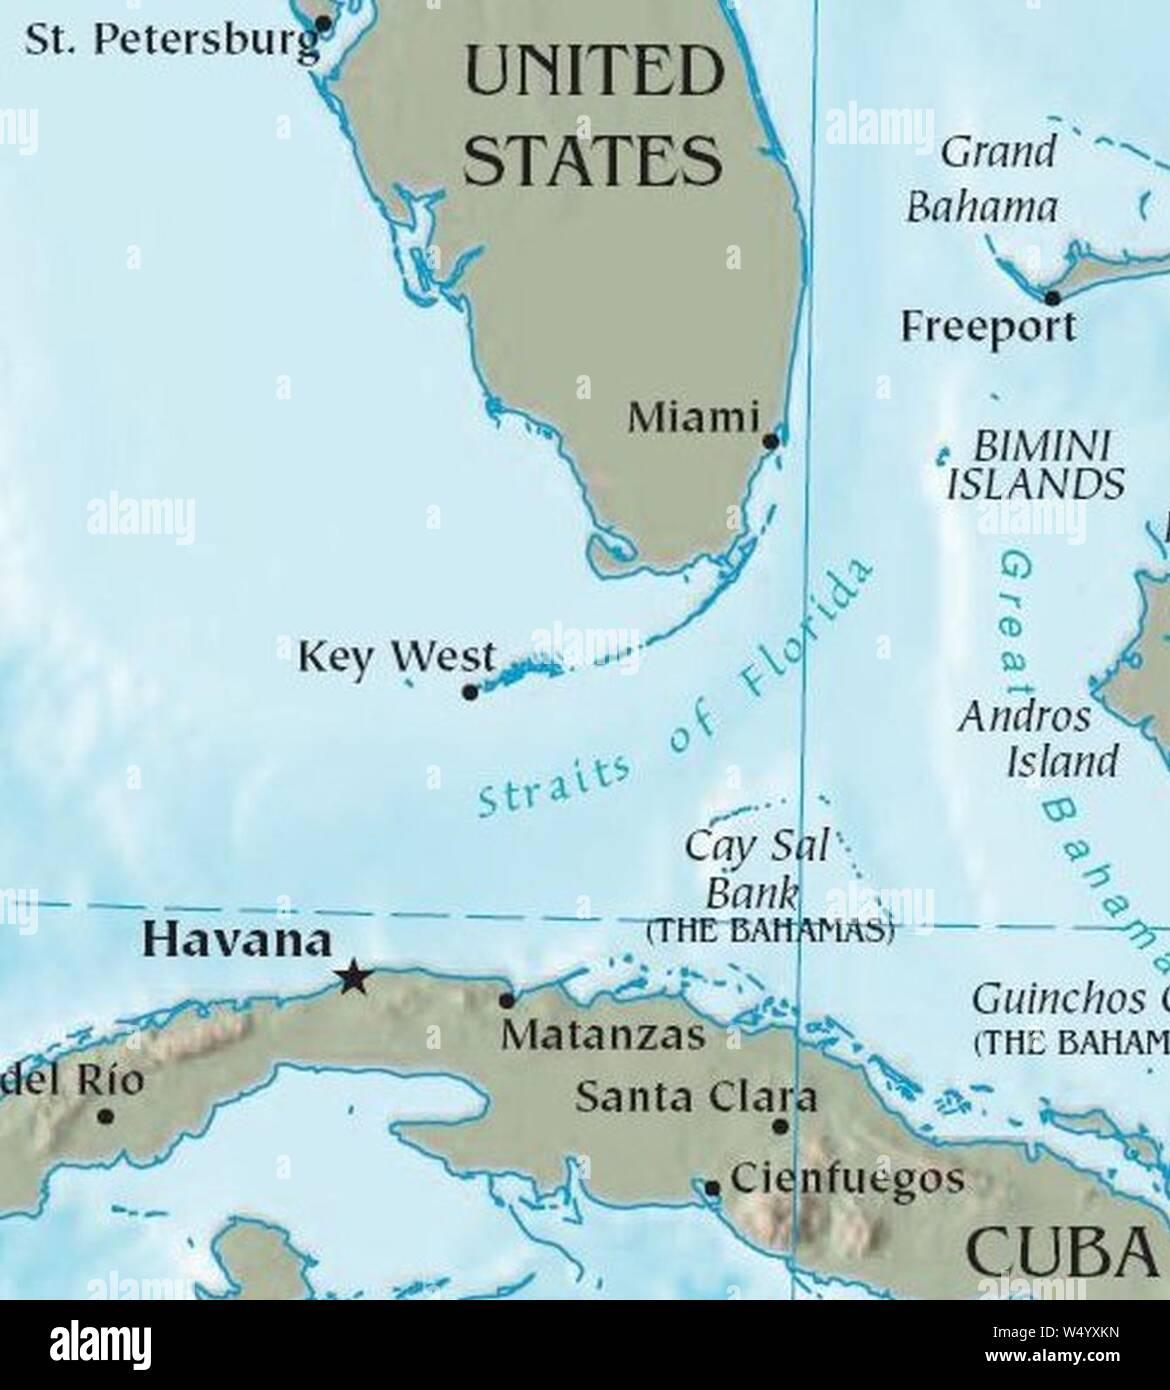 Map Of Florida And Cuba Cuba Florida map Stock Photo   Alamy